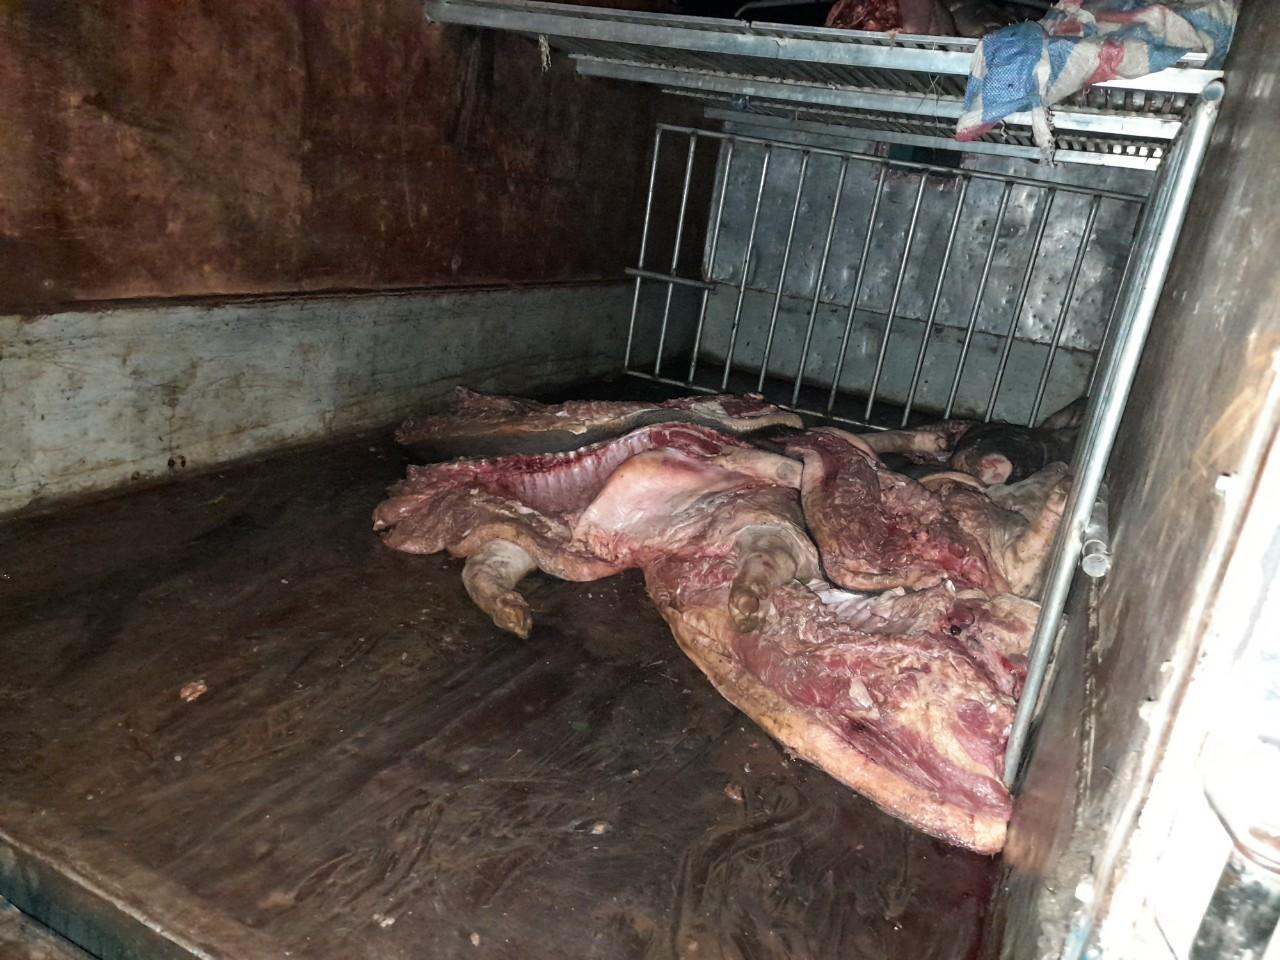 Gần 1 tấn lợn mắc dịch tả lợn châu Phi chuẩn bị đem vào thị trường tiêu thụ - Ảnh 1.